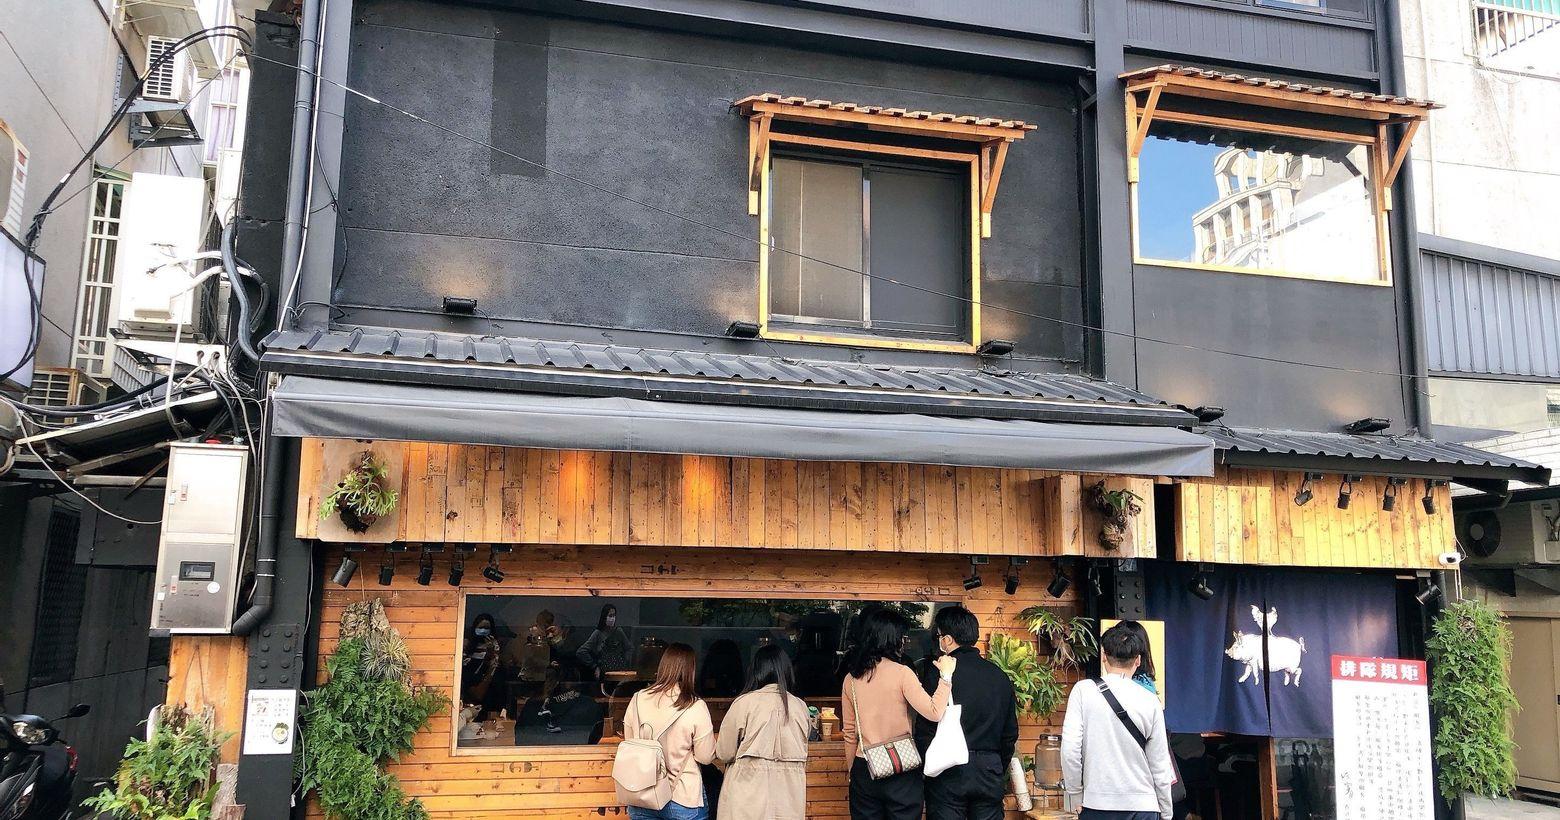 大同區✿進駐中山站的隱家拉麵 從裝潢到口味給你最深刻的印象永遠記得小時候第一次出國在日本讀書的哥哥,